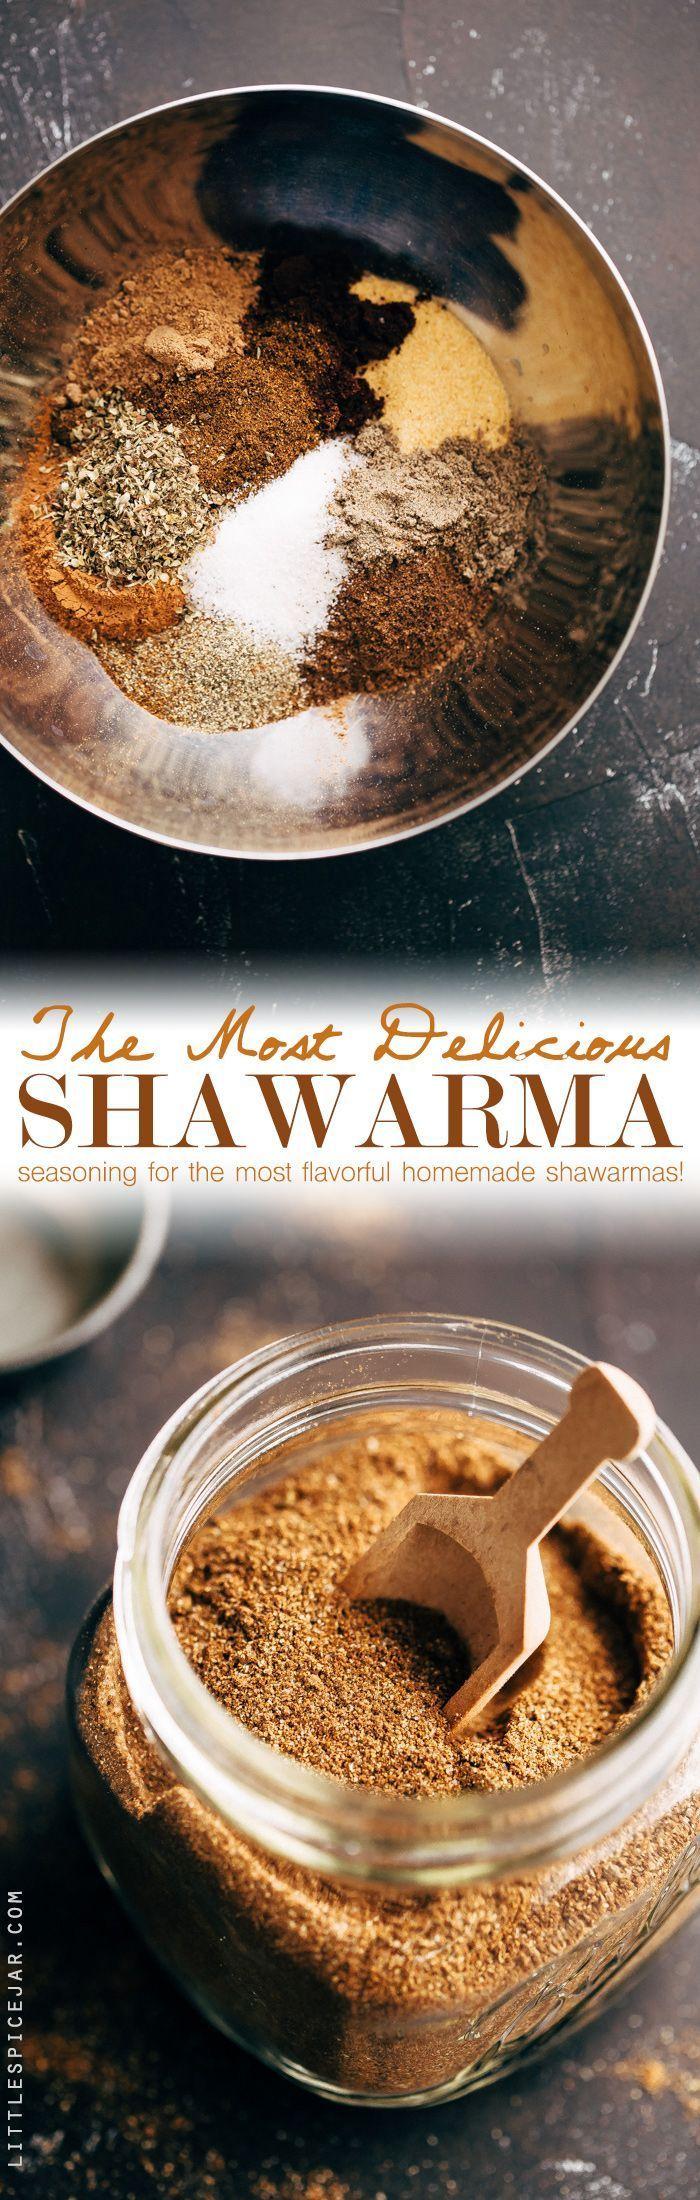 Die meisten köstlichen hausgemachten Shawarma-Gewürze - #alles #die #hausgemachten #köstlichen #meisten #Shawarma #ShawarmaGewürze #stlichen #marinadeforbeef